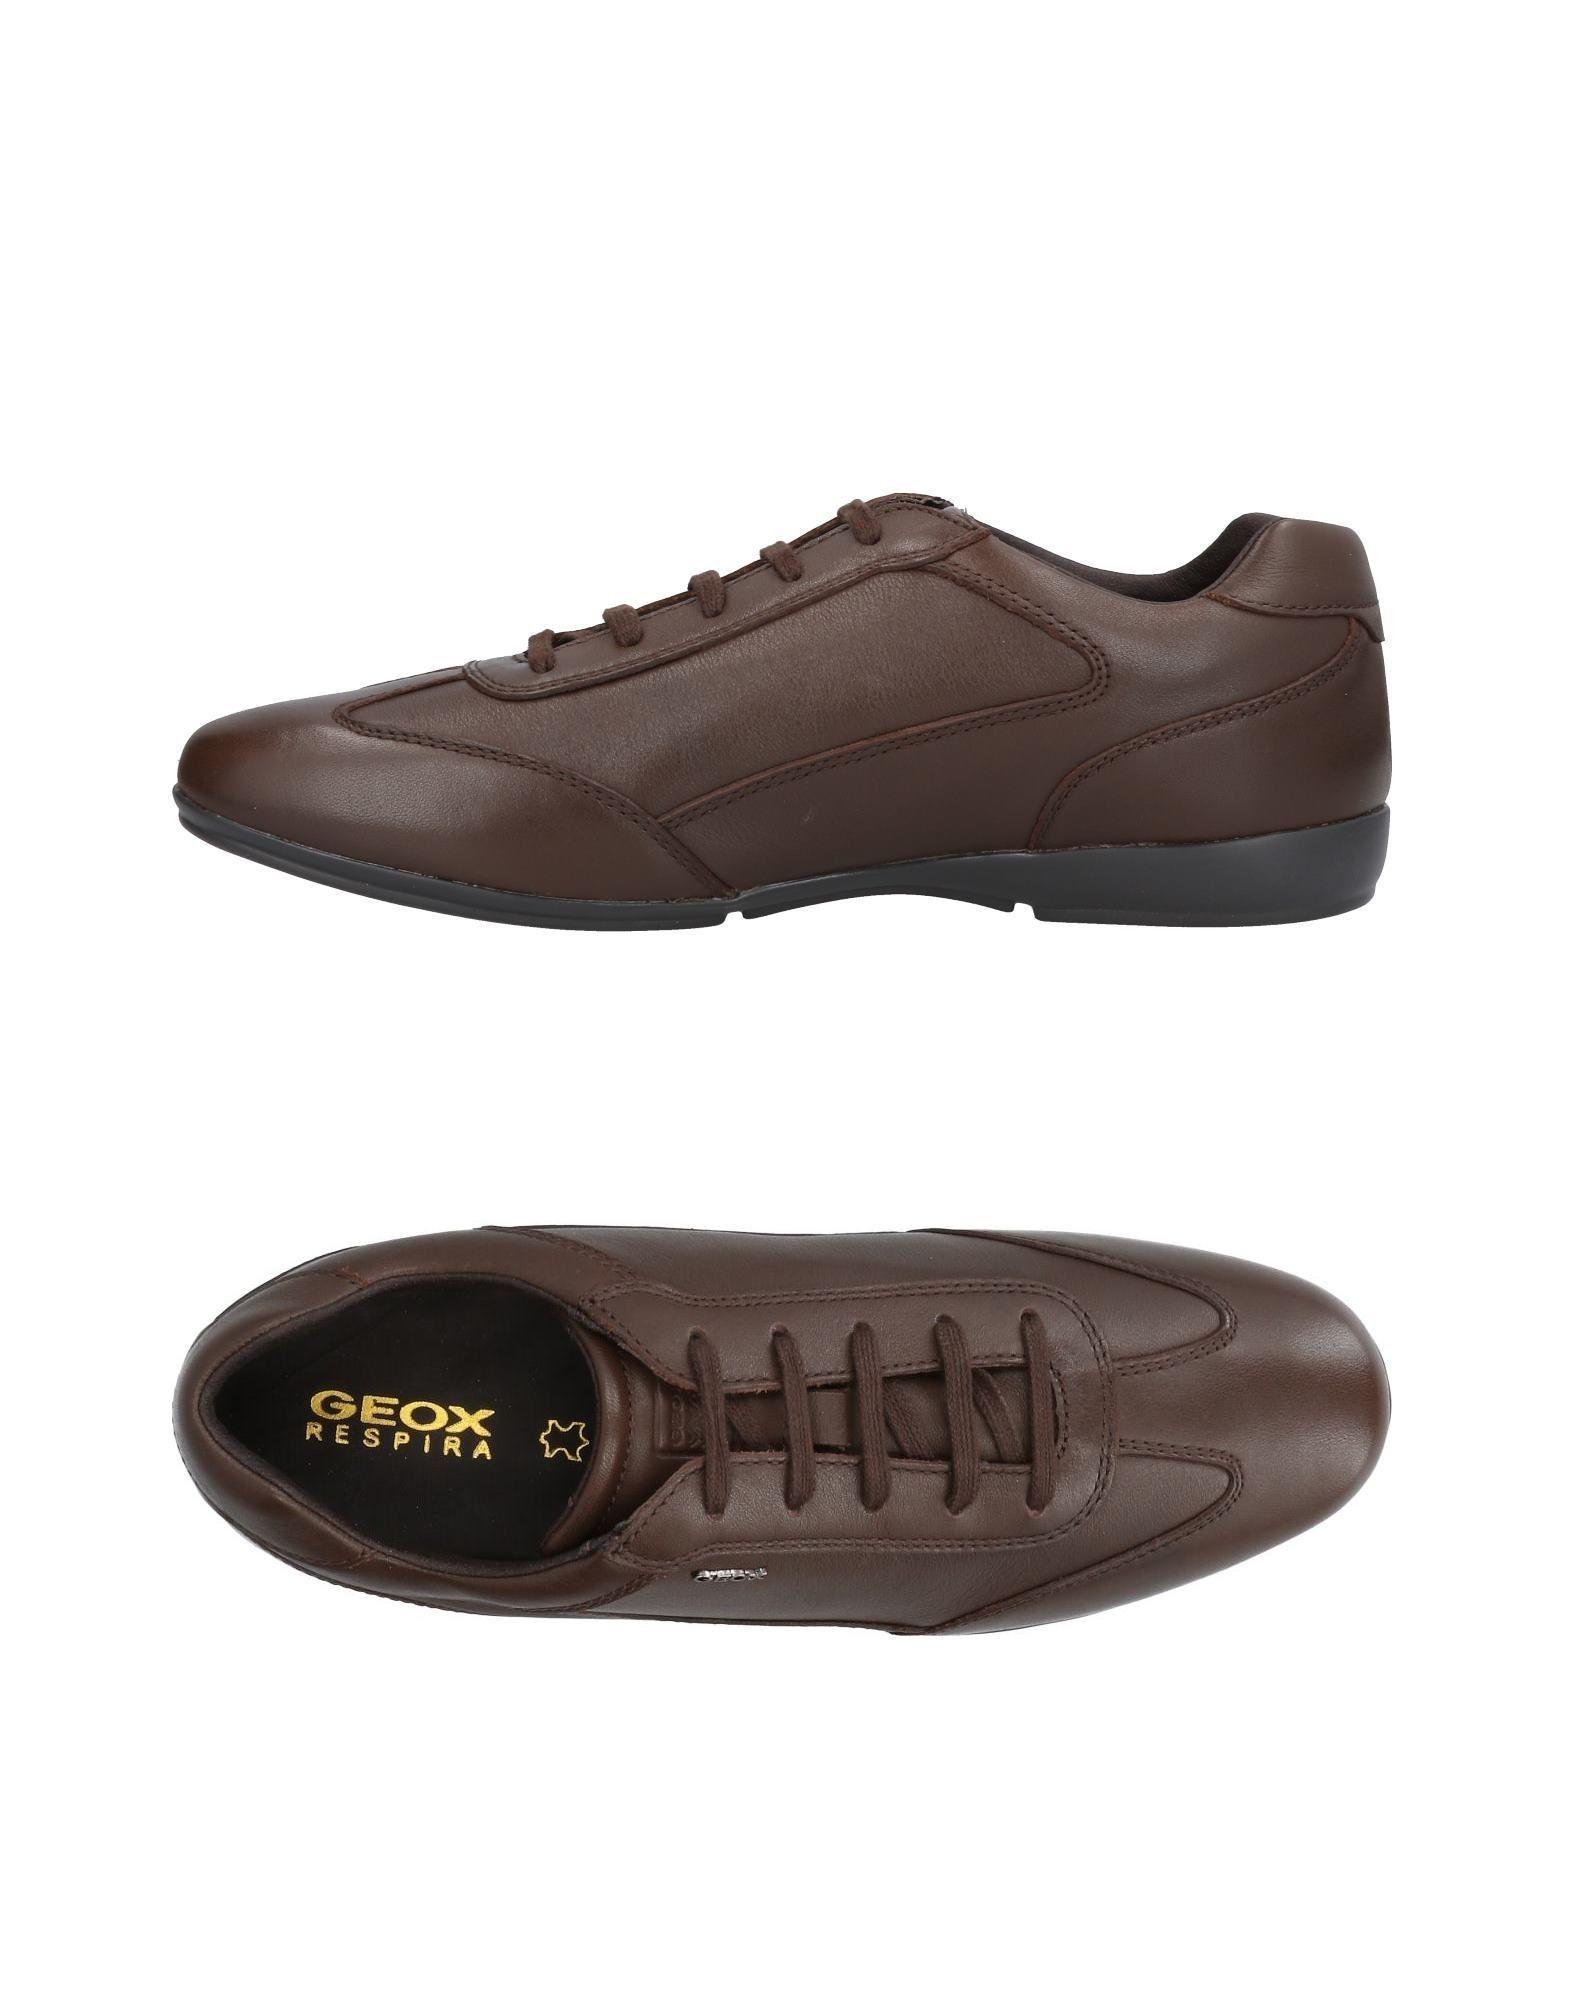 Geox Sneakers In Dark Brown